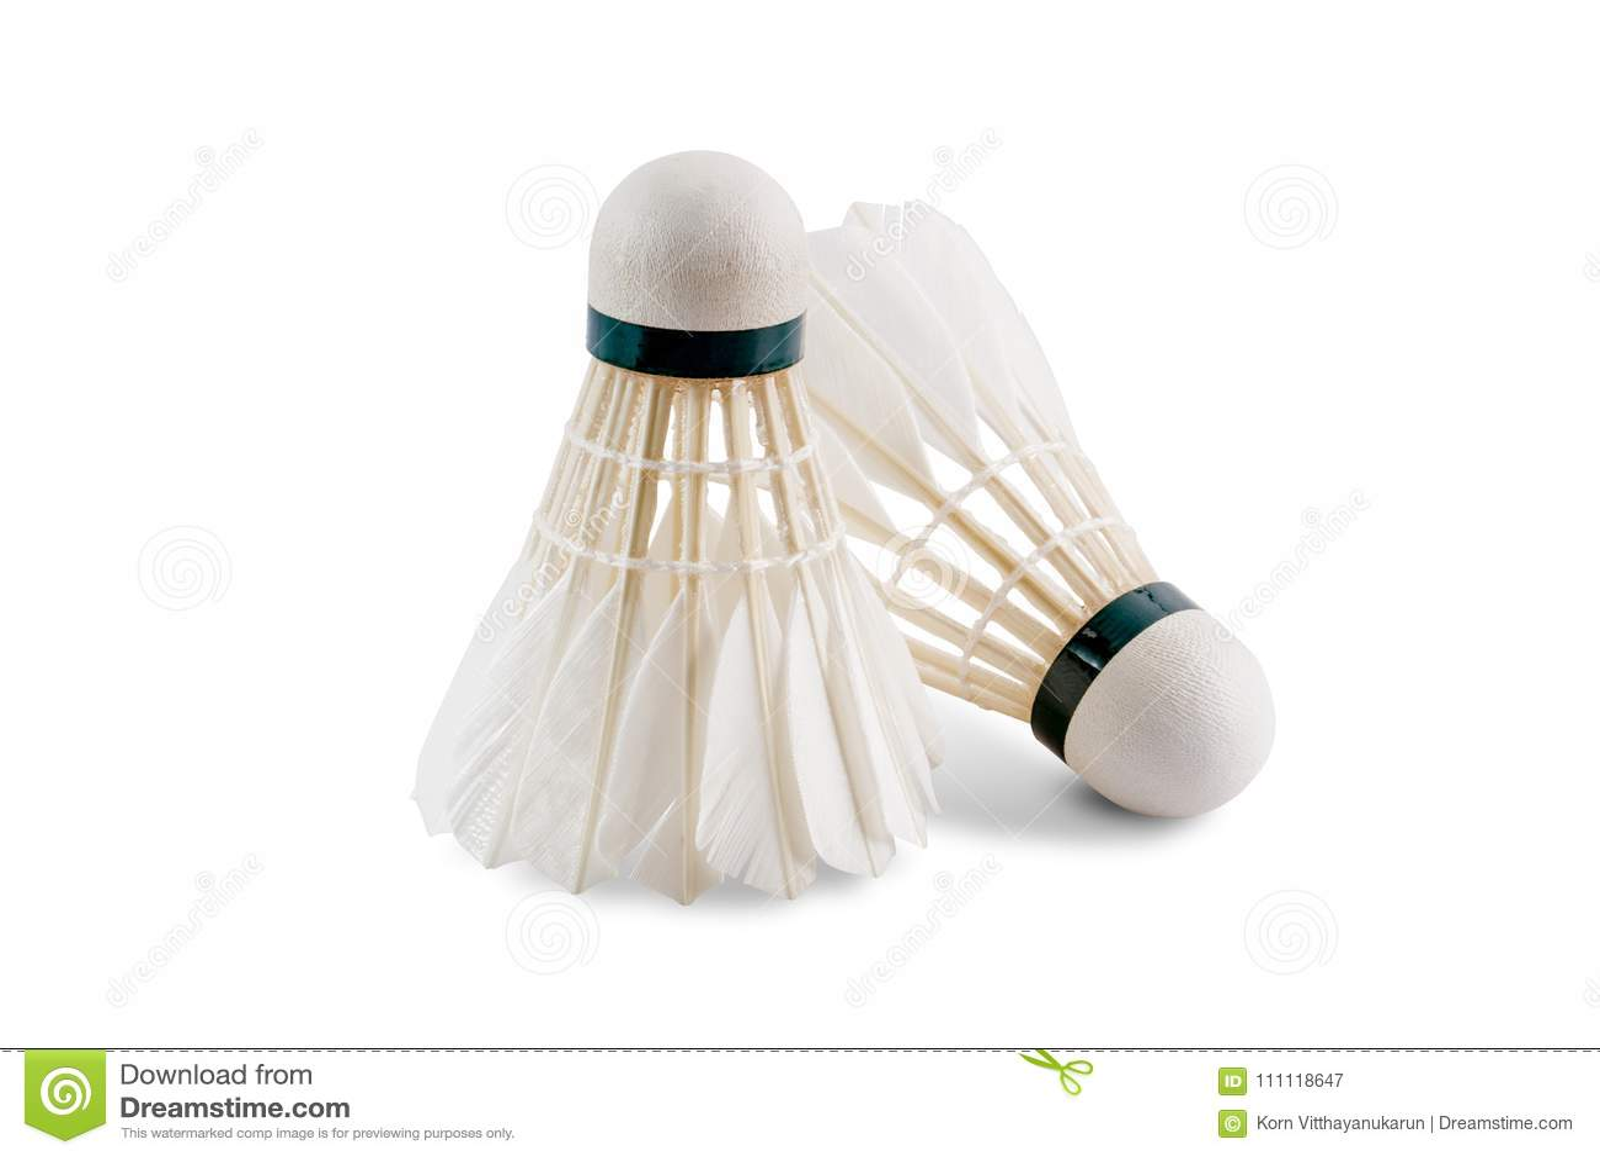 24 Pi/èces Volants de Badminton Volants en Plumes avec Stabilit/é et Durabilit/é Boules de Badminton Birdies dEntra/înement /à Grande Vitesse pour Sports dInt/érieur et dExt/érieur